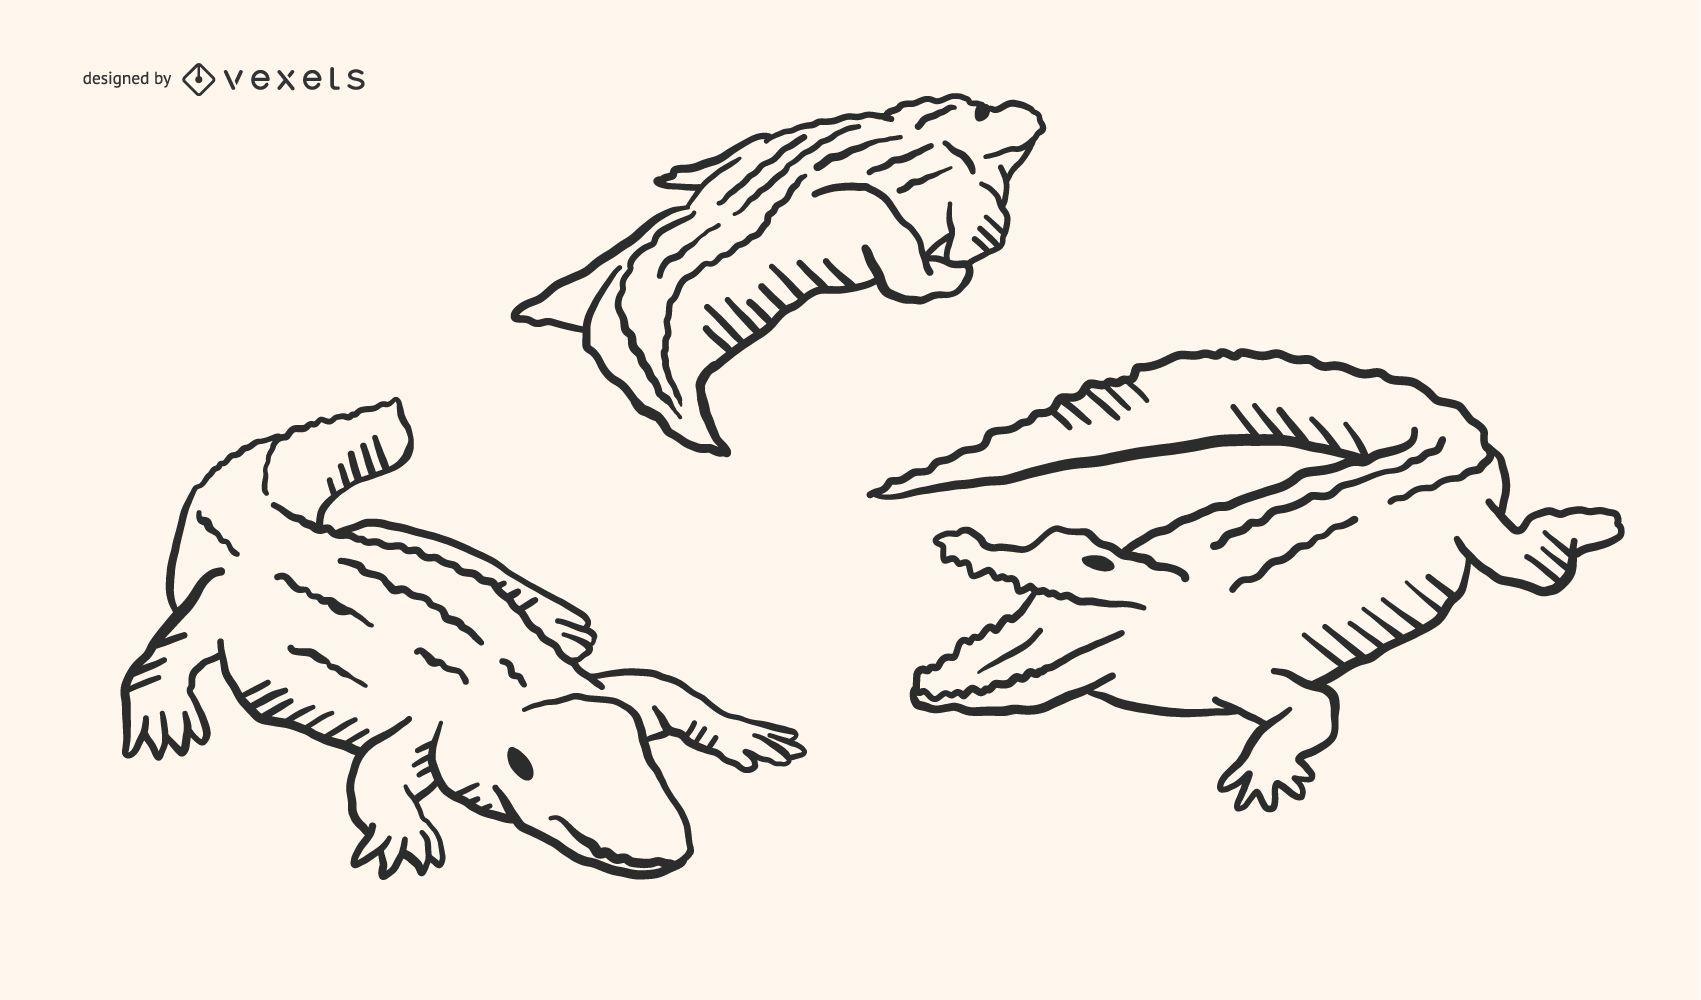 Alligator Doodle Design